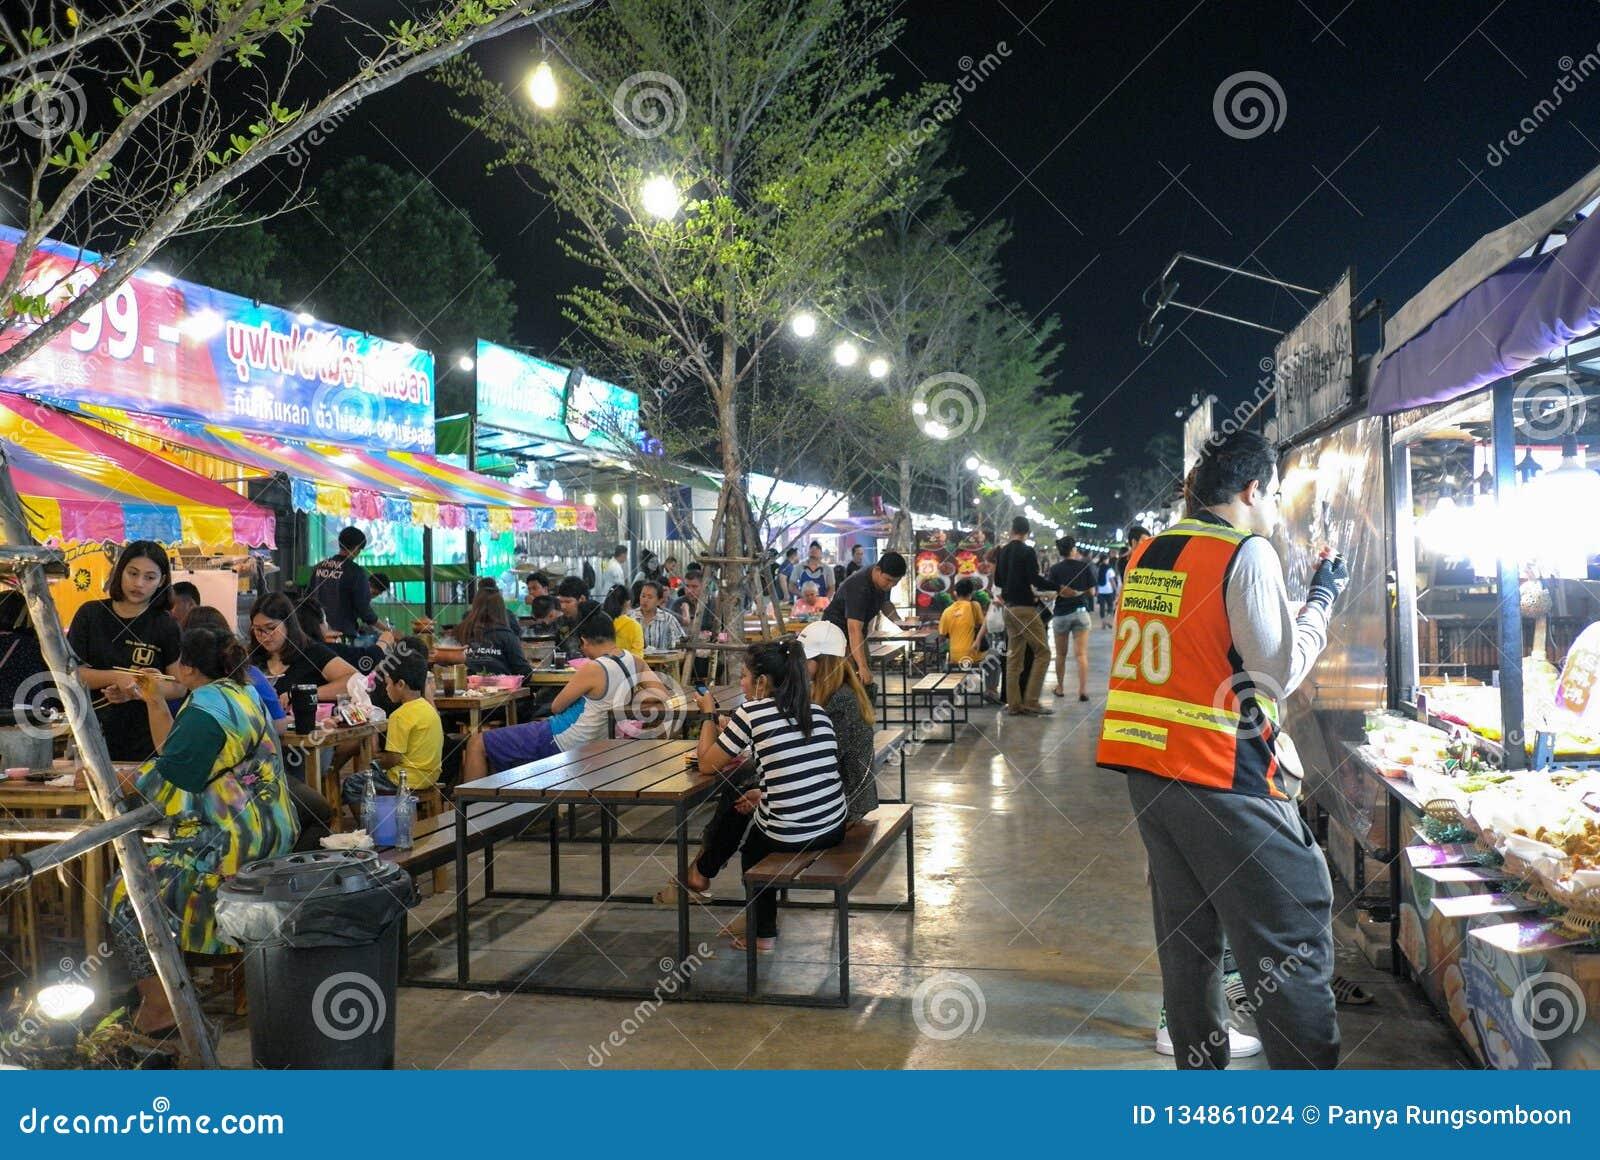 Идя улица туристское назначение для людей которые хотят есть в вечере